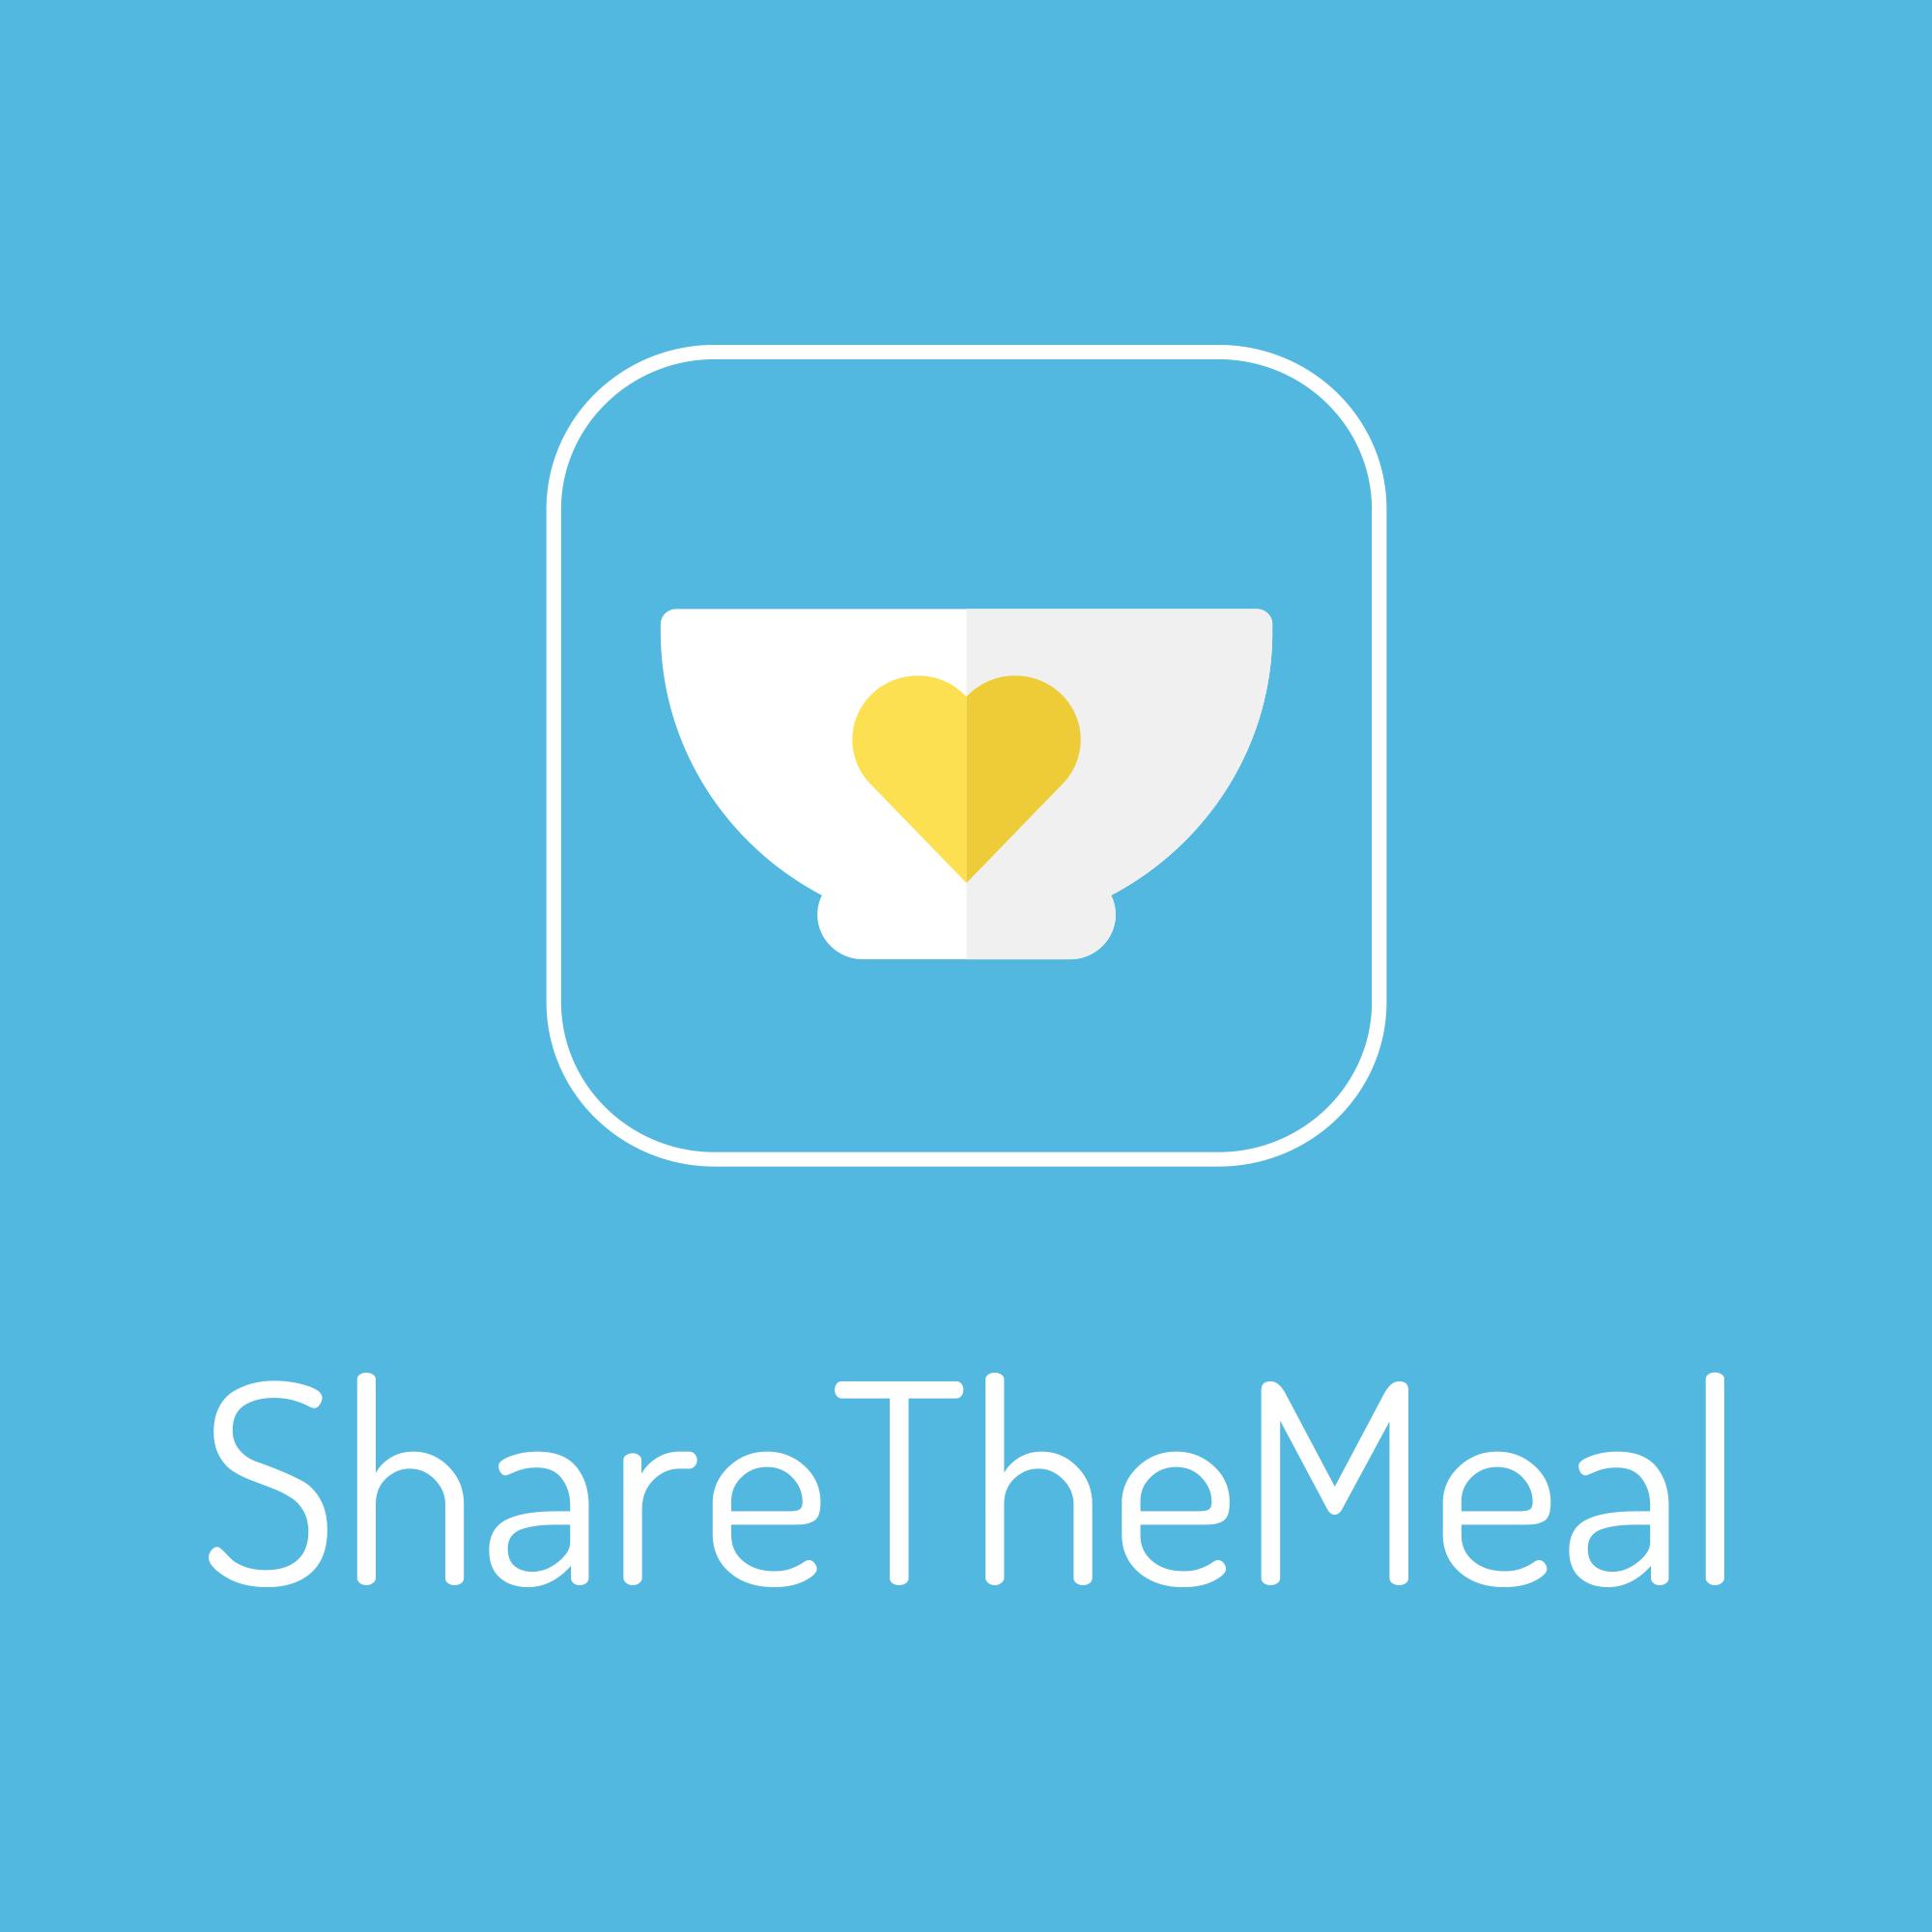 ShareTheMeal - Wikipedia